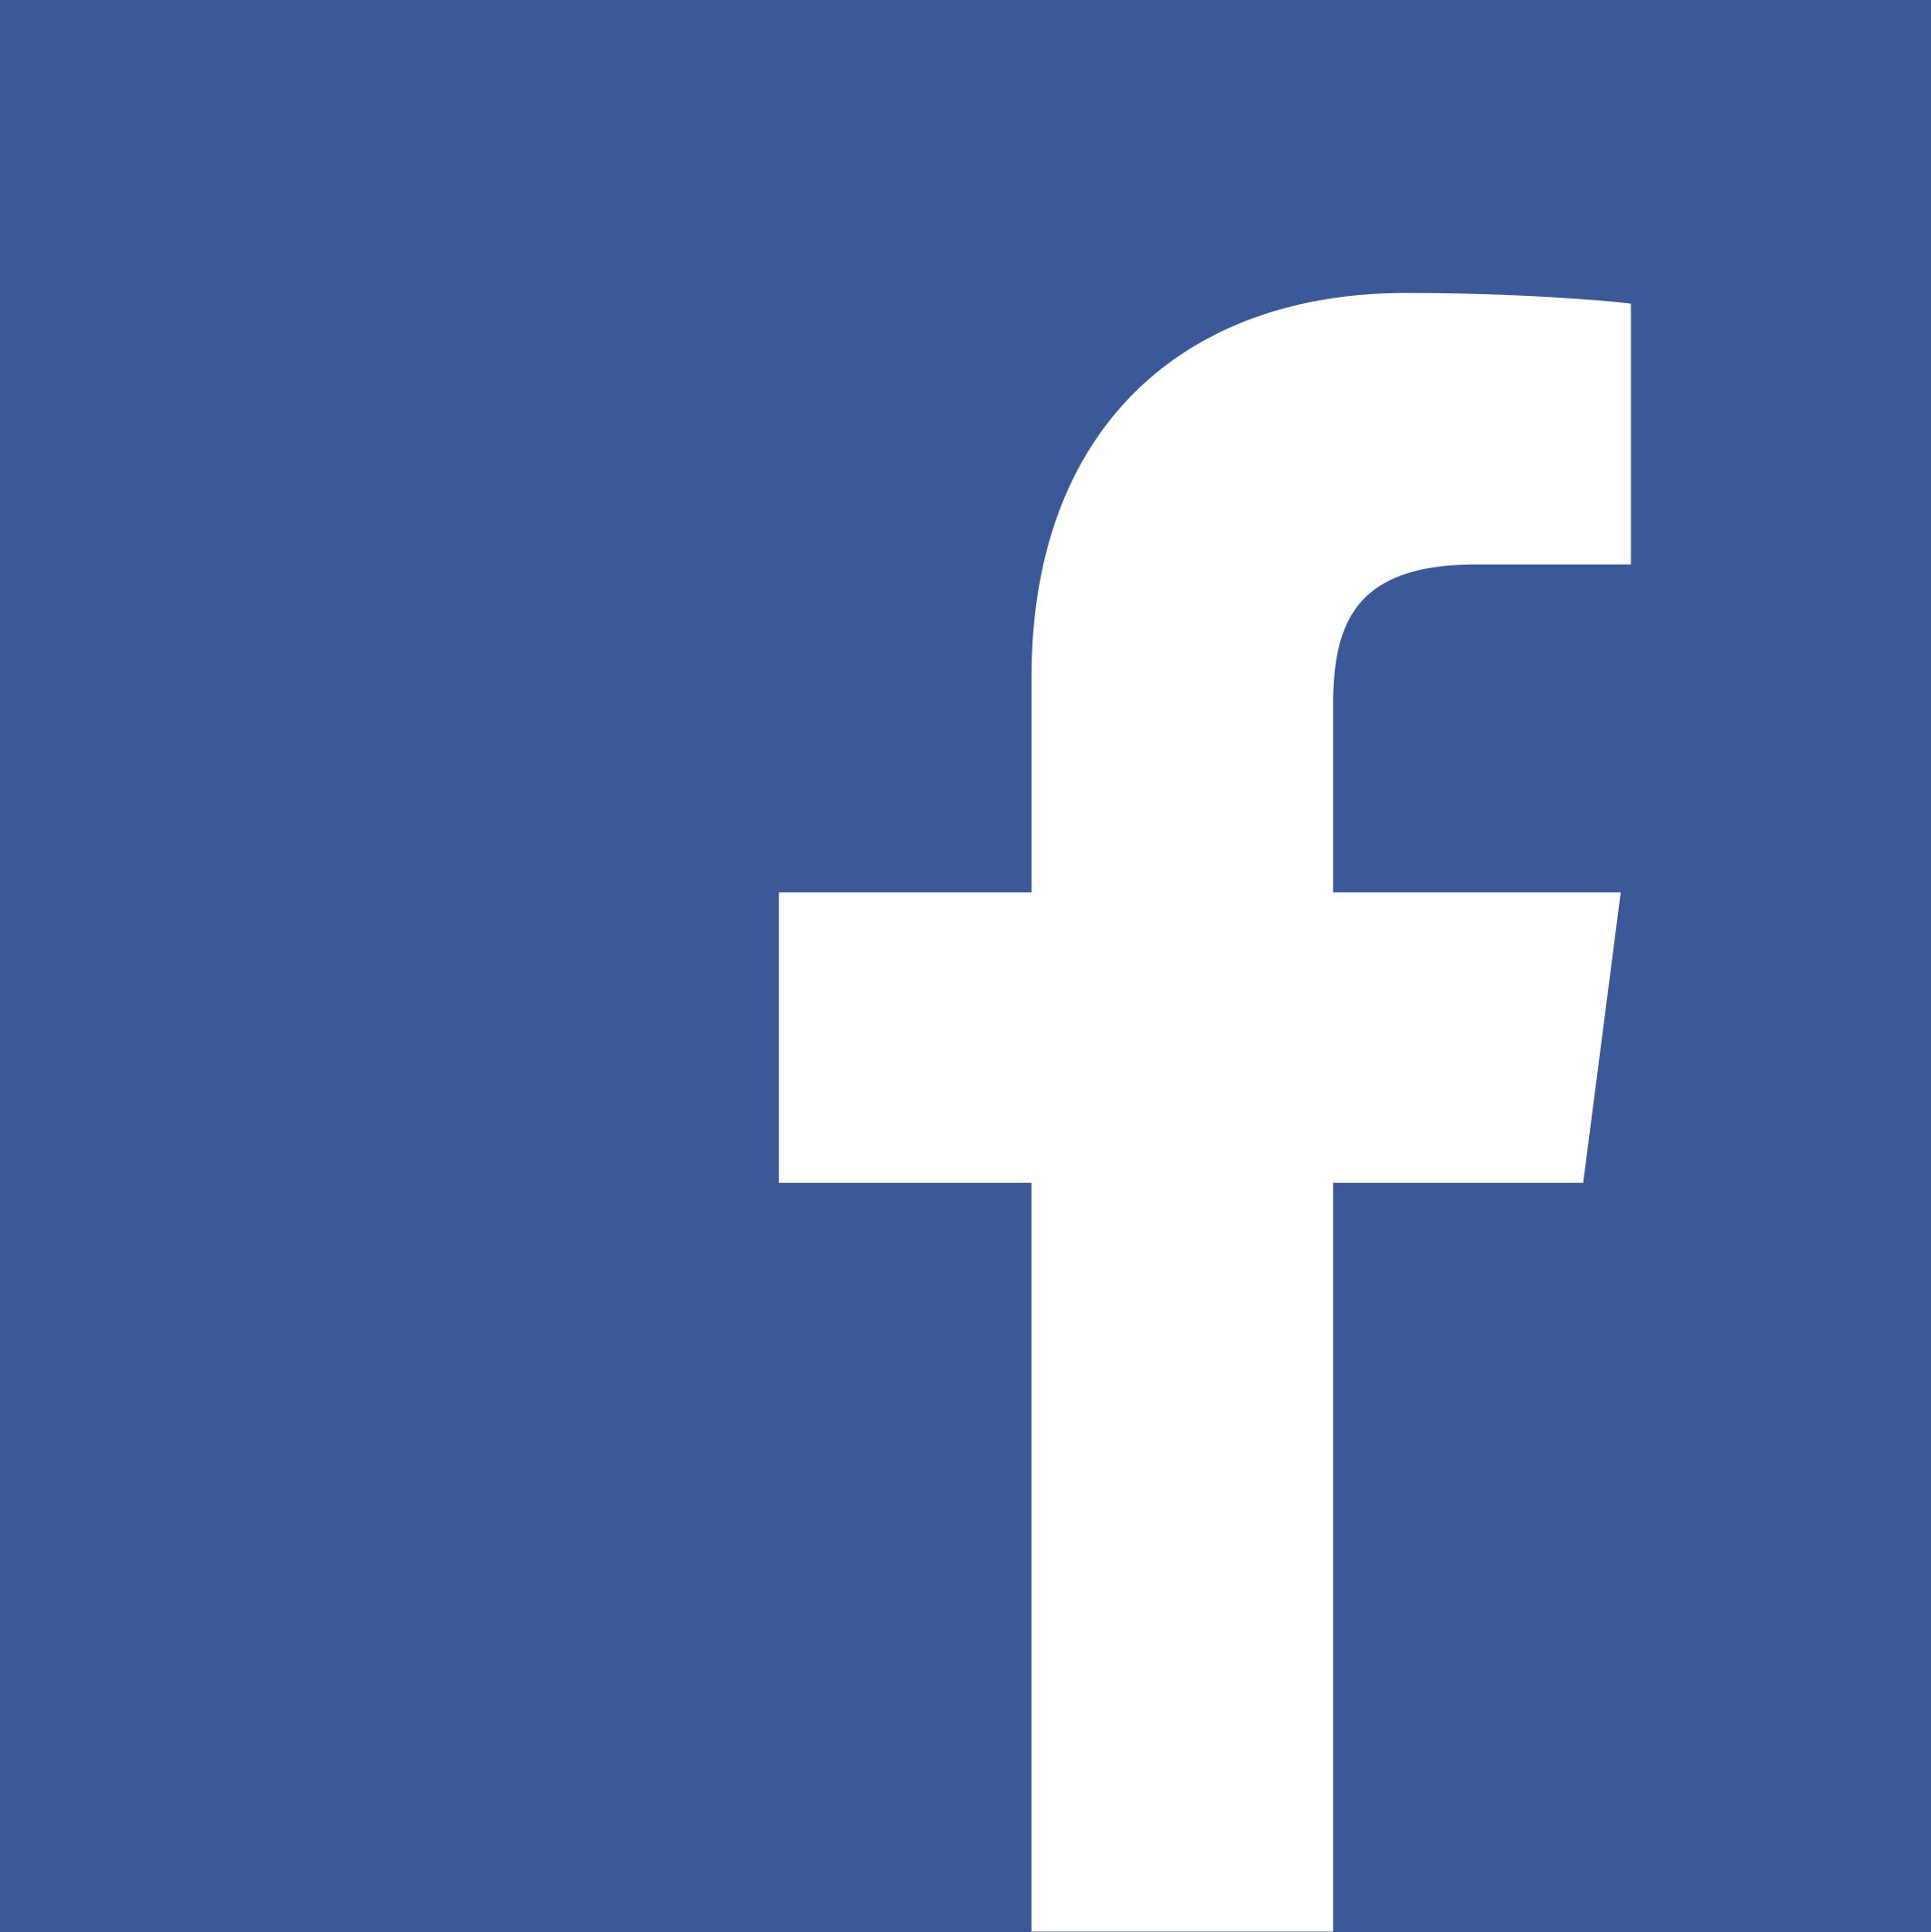 FB-fLogo-Blue-broadcast